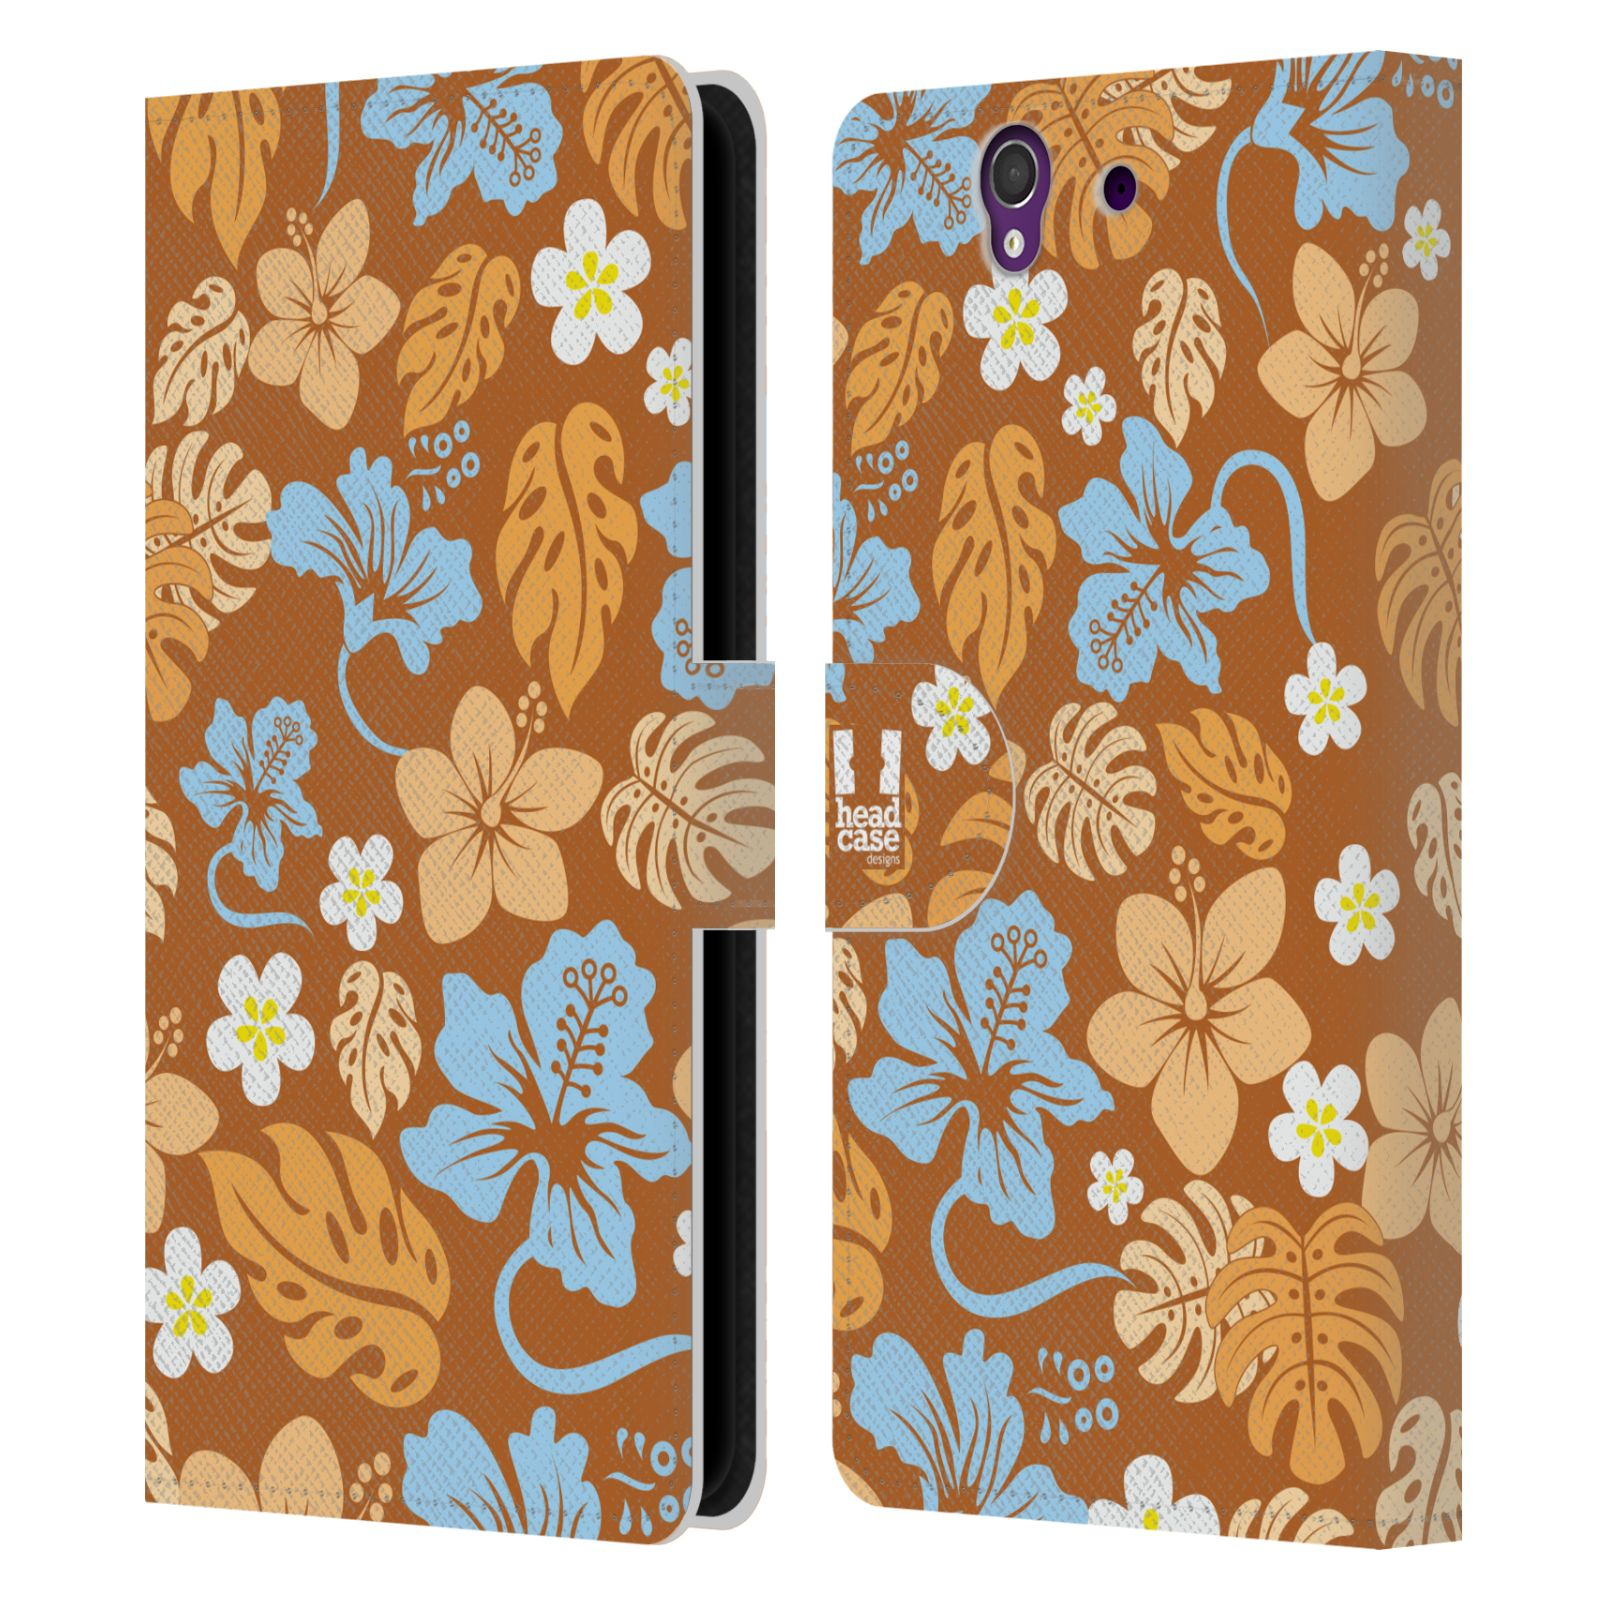 HEAD CASE Flipové pouzdro pro mobil SONY XPERIA Z (C6603) Havajský vzor květy různé hnědá barva